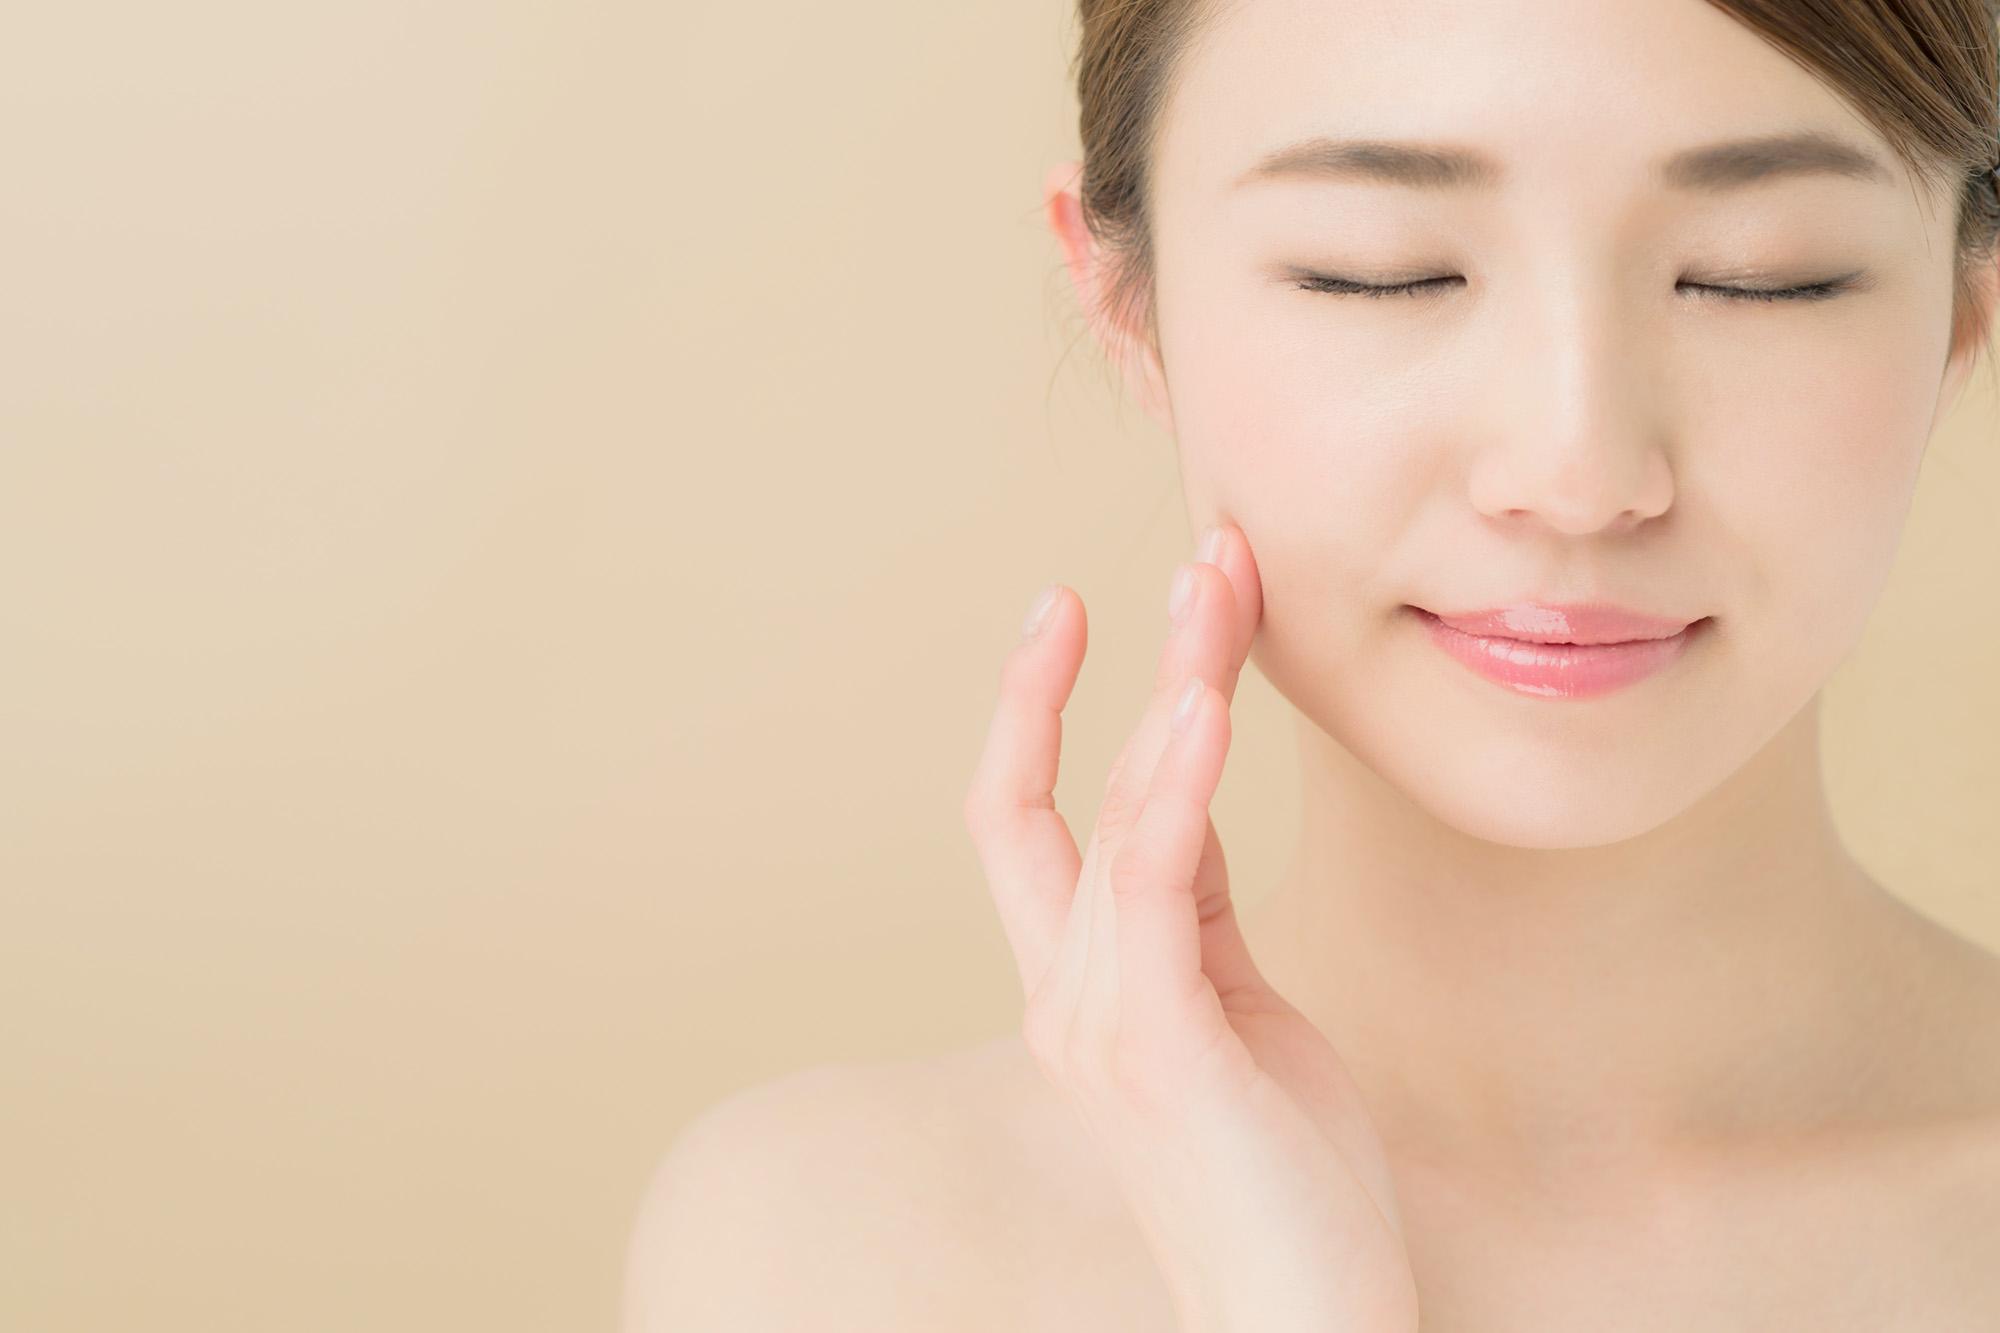 Bí quyết chăm sóc da mặt đúng cách